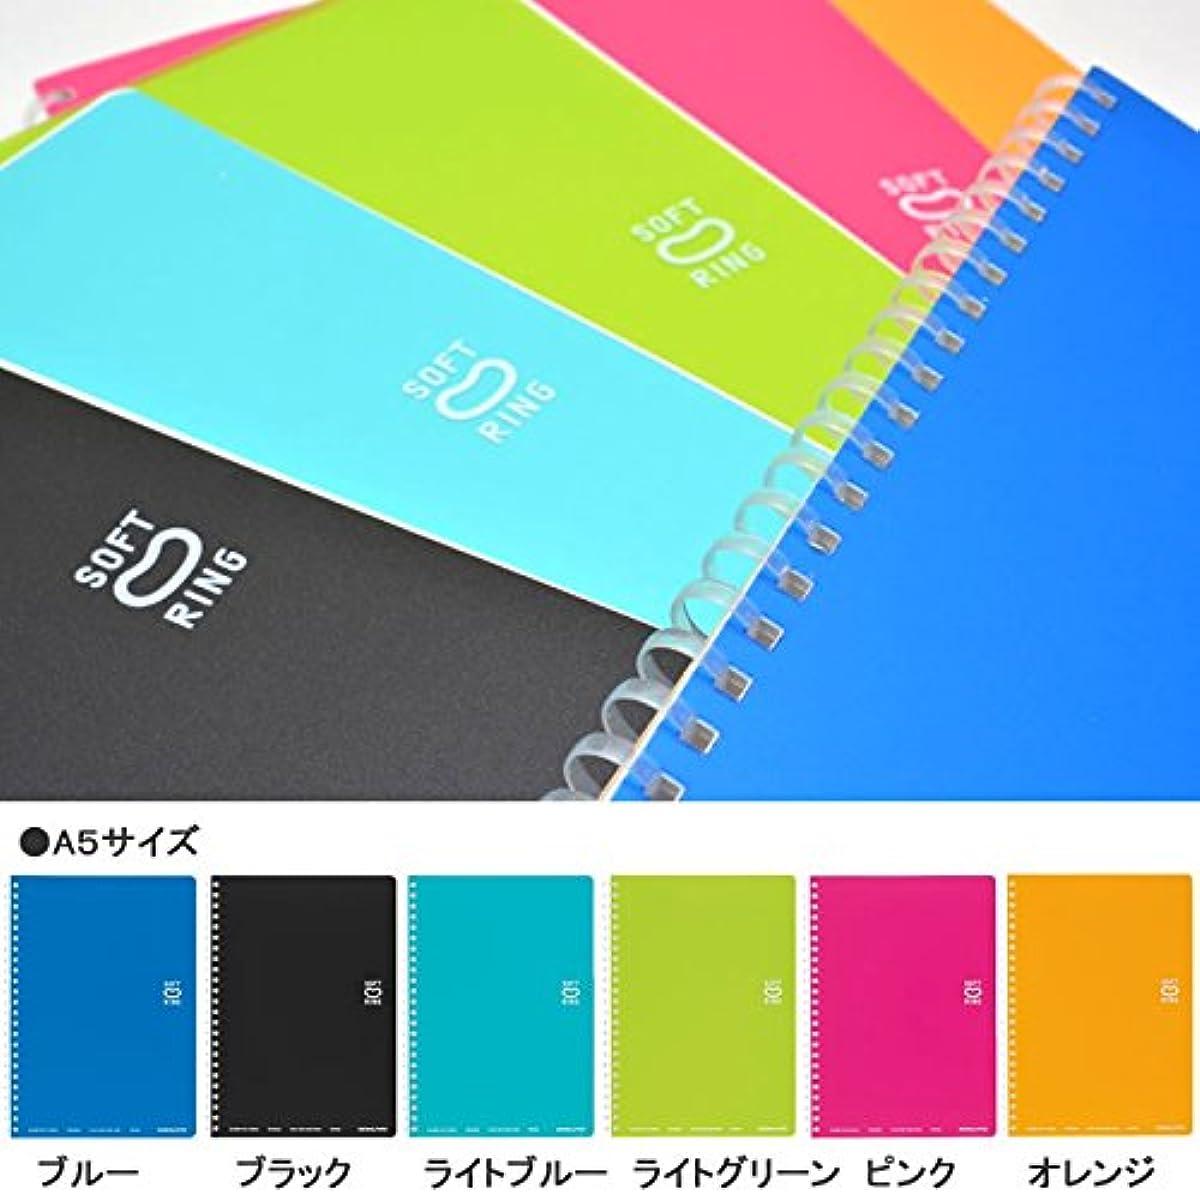 [해외] 코쿠요 도트 괘선 링 노트 A5 50매 6색 세트